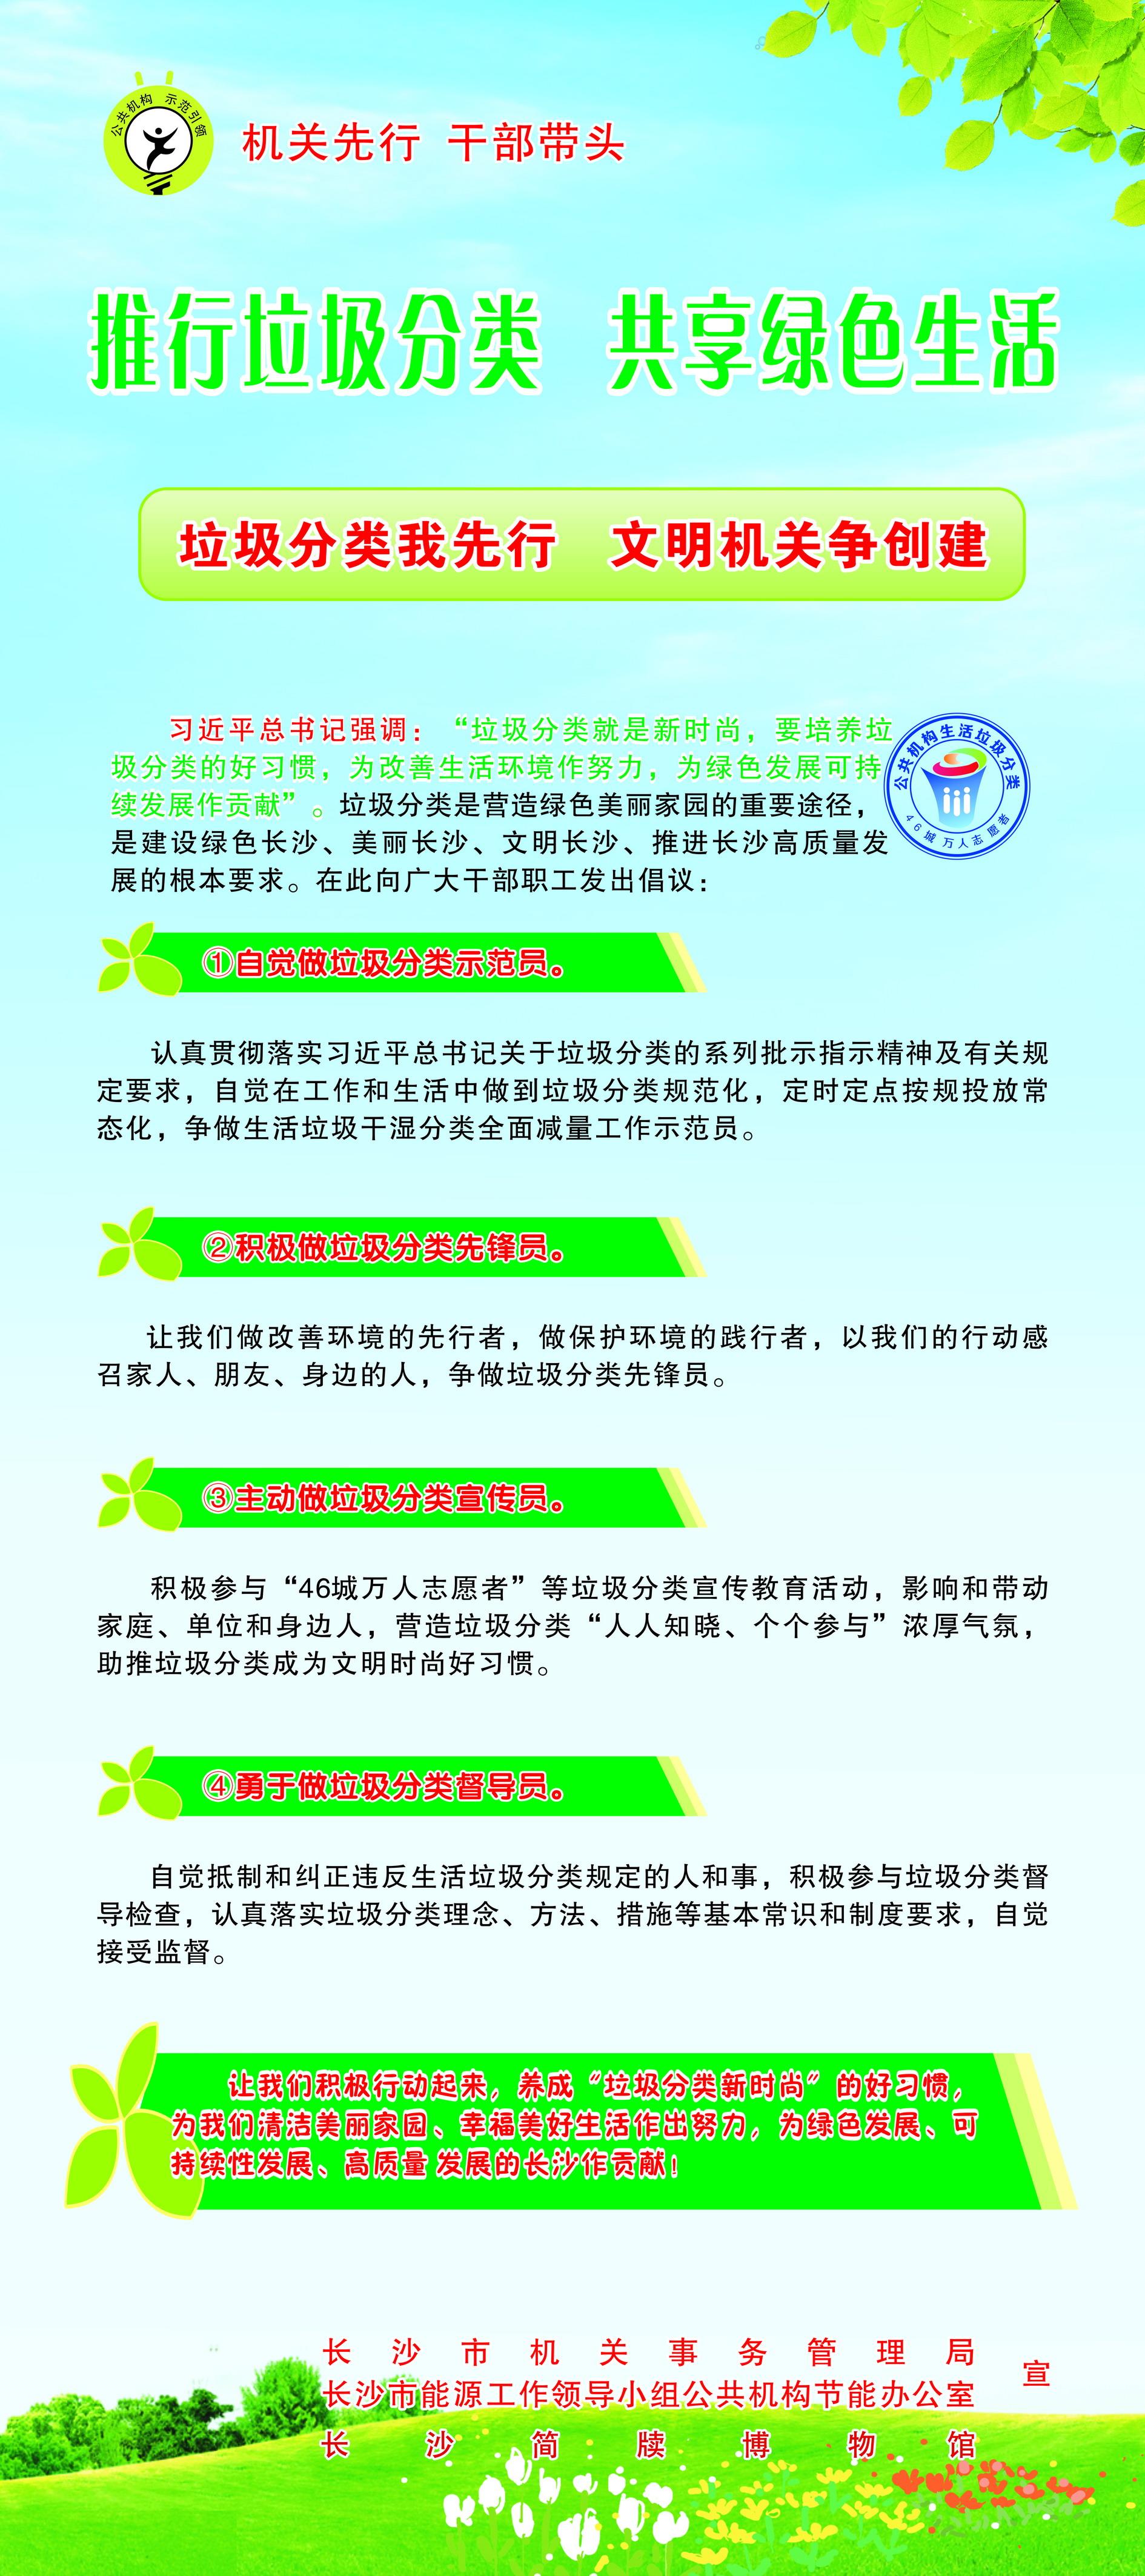 7、推行垃圾分类 共享绿色生活副本.jpg